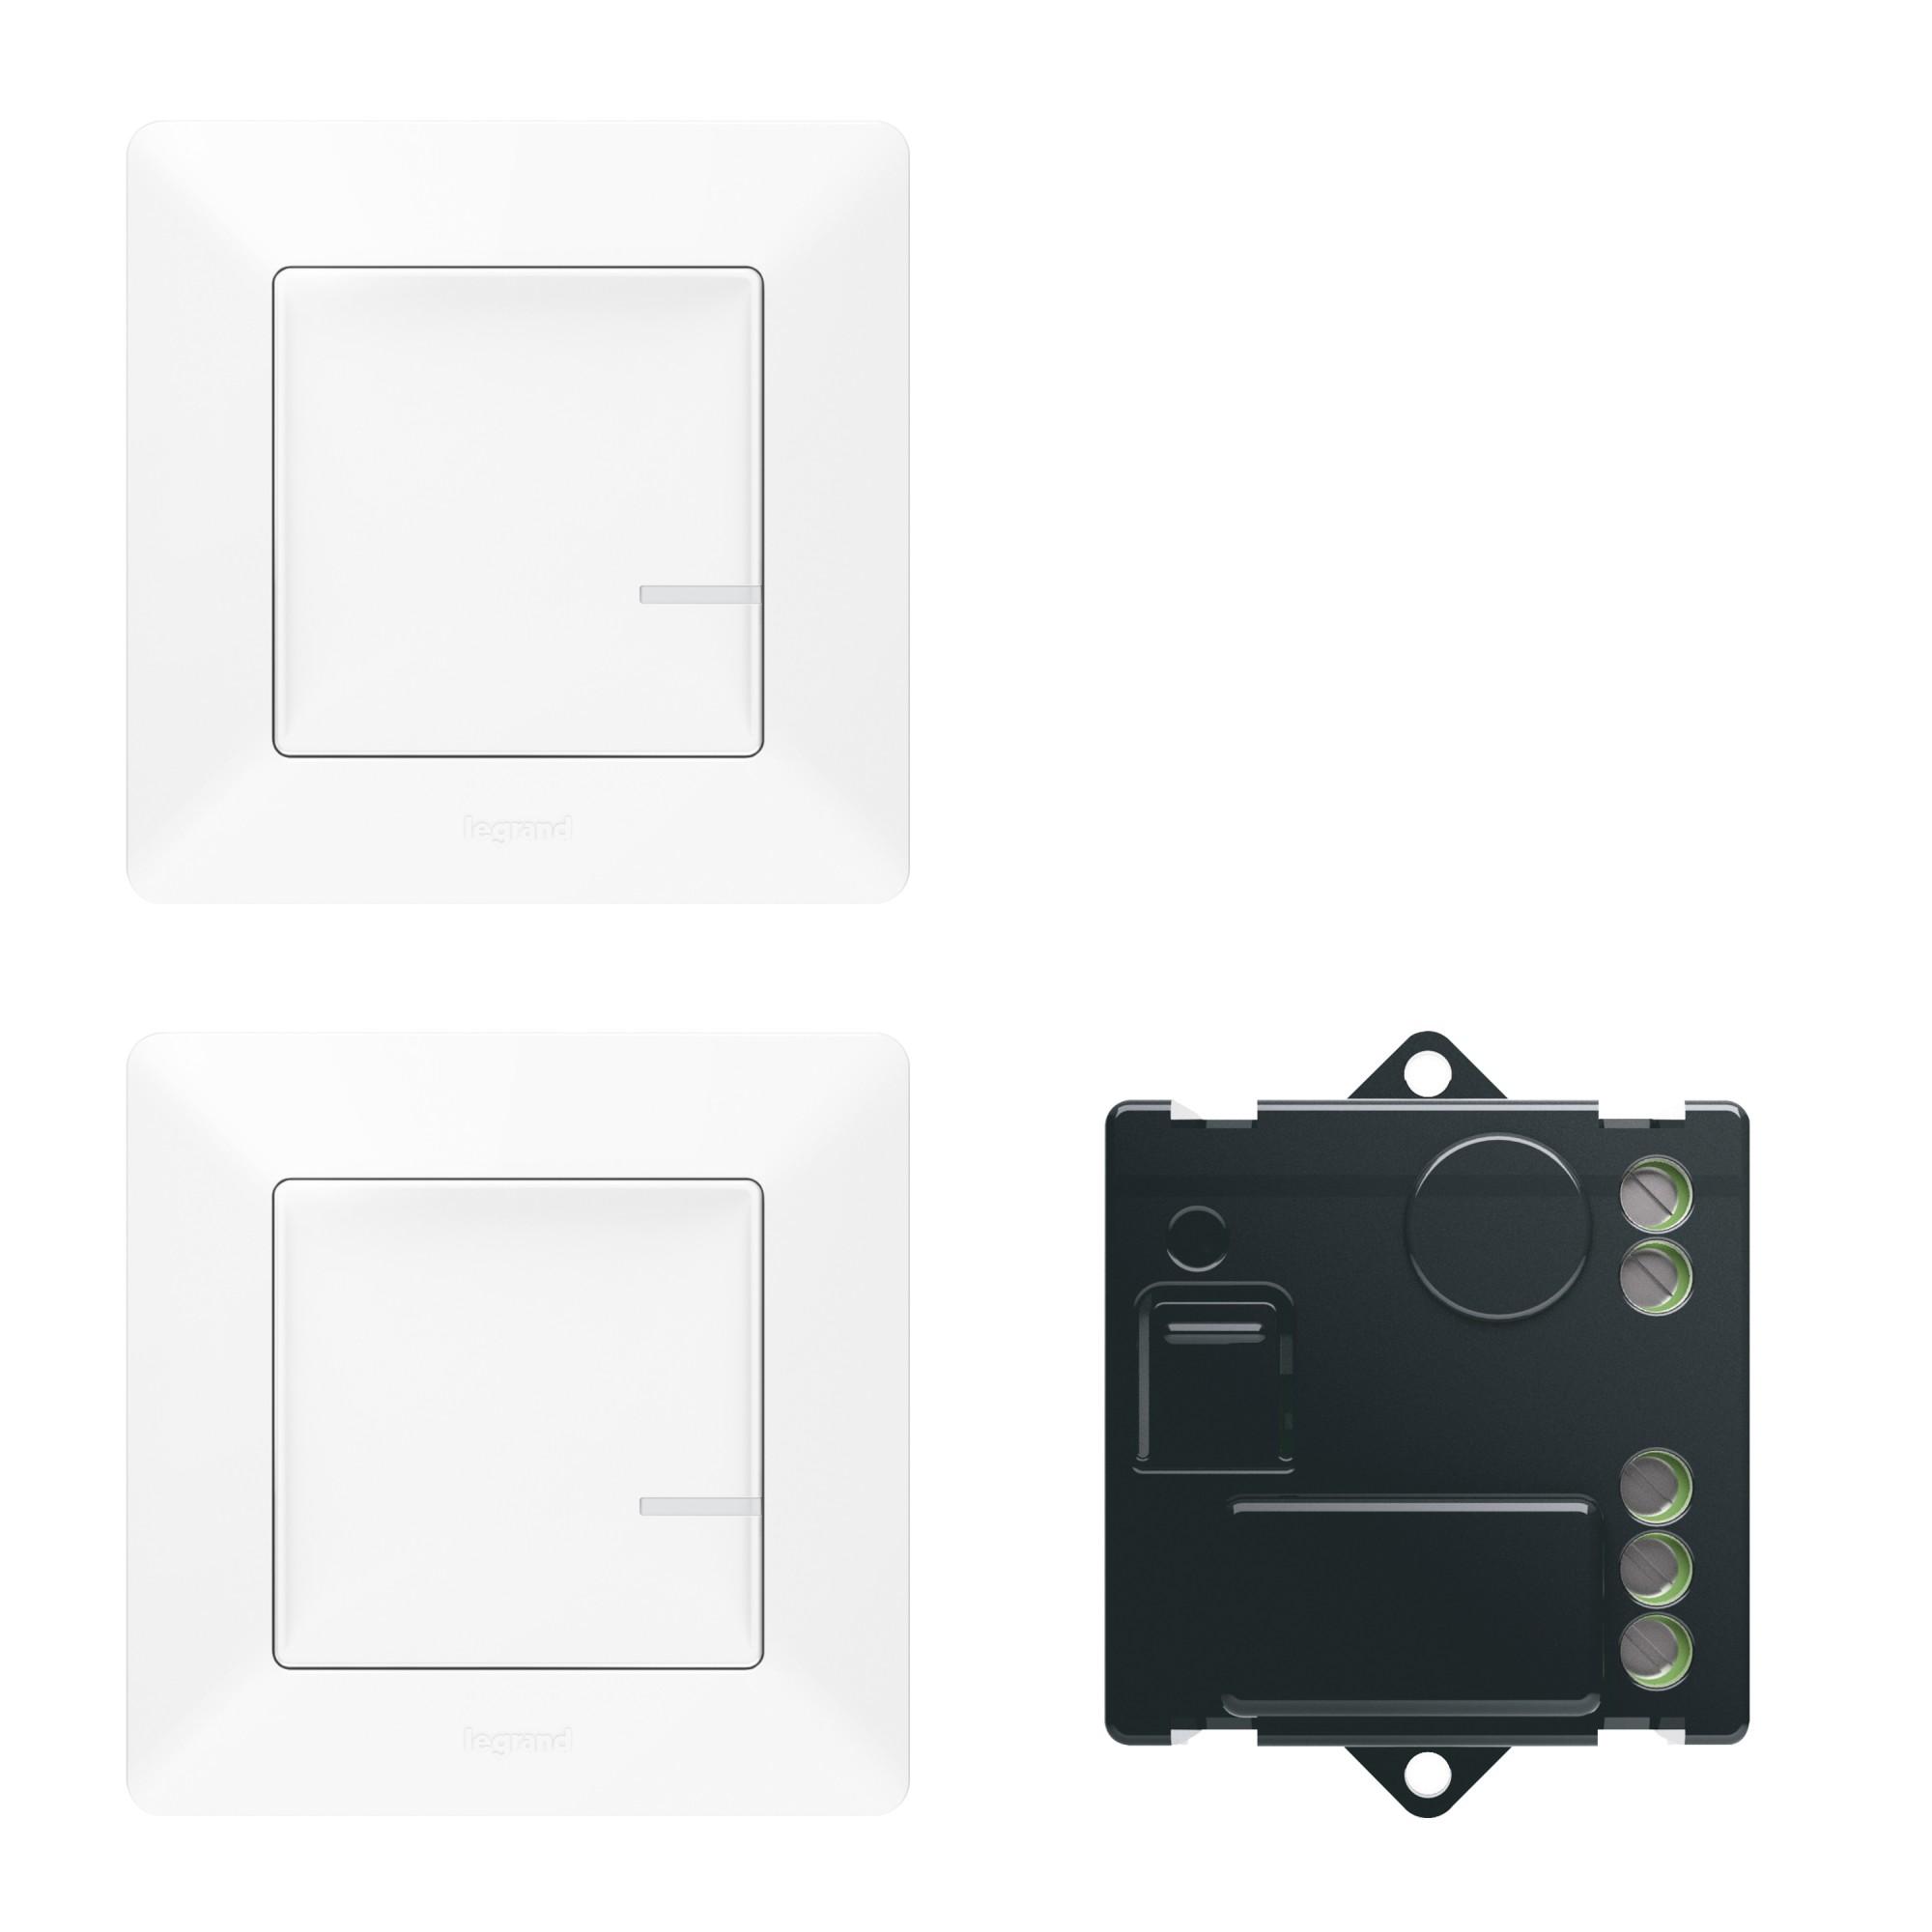 Пакет для управления освещением c 2х мест.  Микромодуль реле 300 Вт 240В + два умных беспроводных 1-клавишных выключателя. Цвет Белый Legrand Valena Life with NETATMO 752150